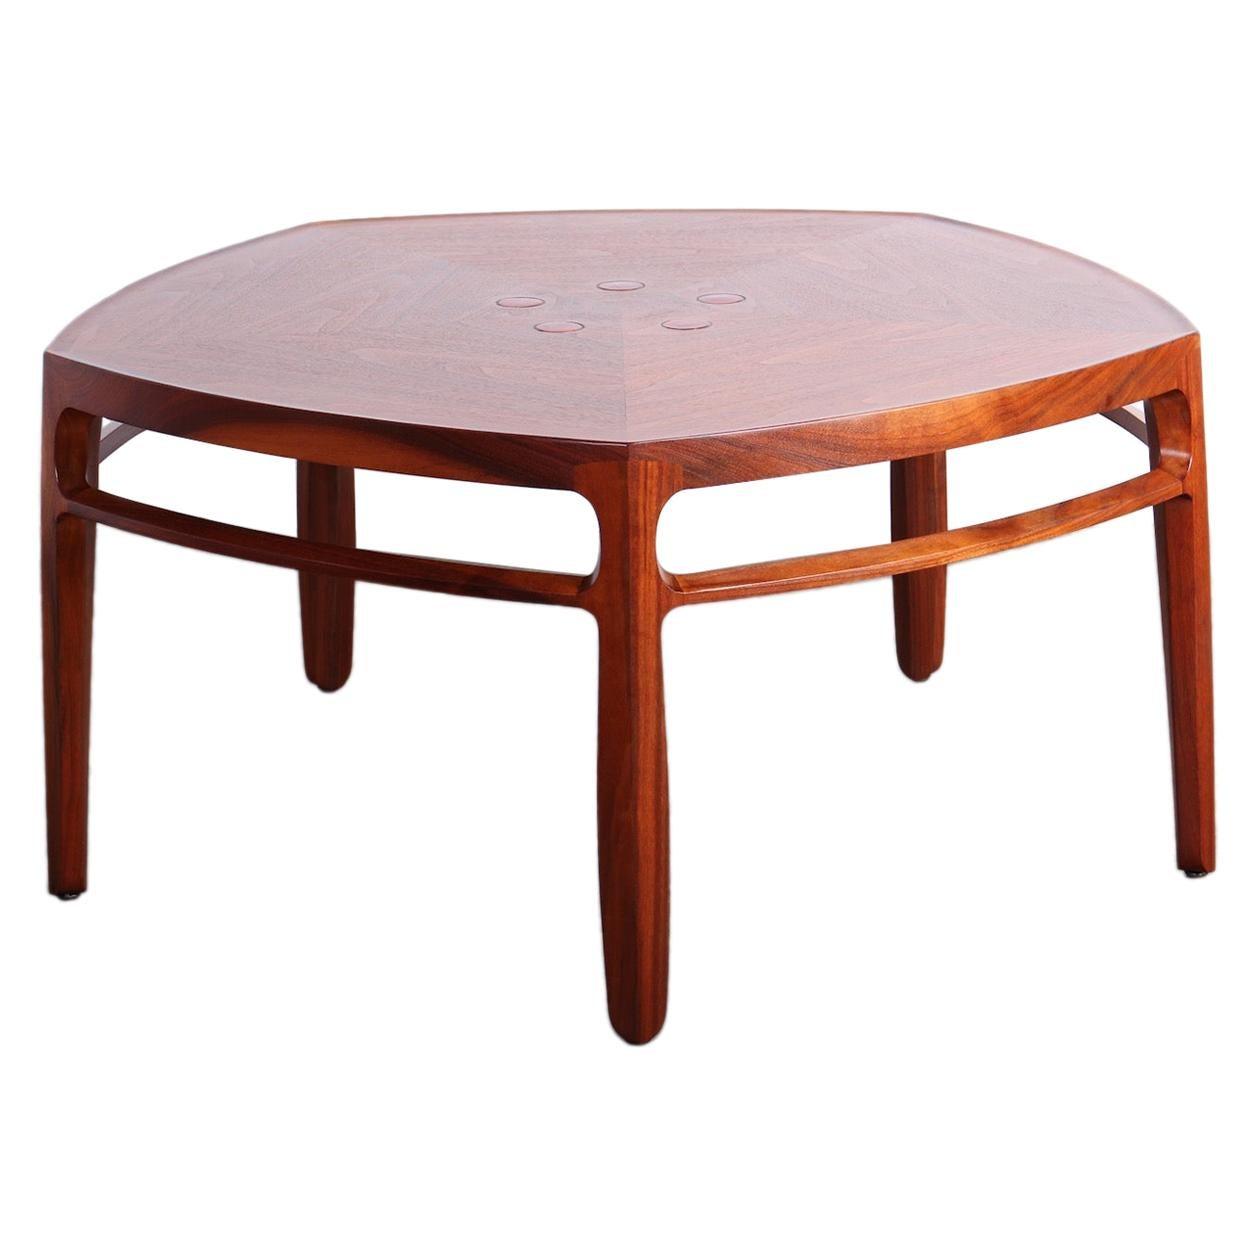 Edward Wormley for Dunbar Janus Coffee Table with Natzler Tiles